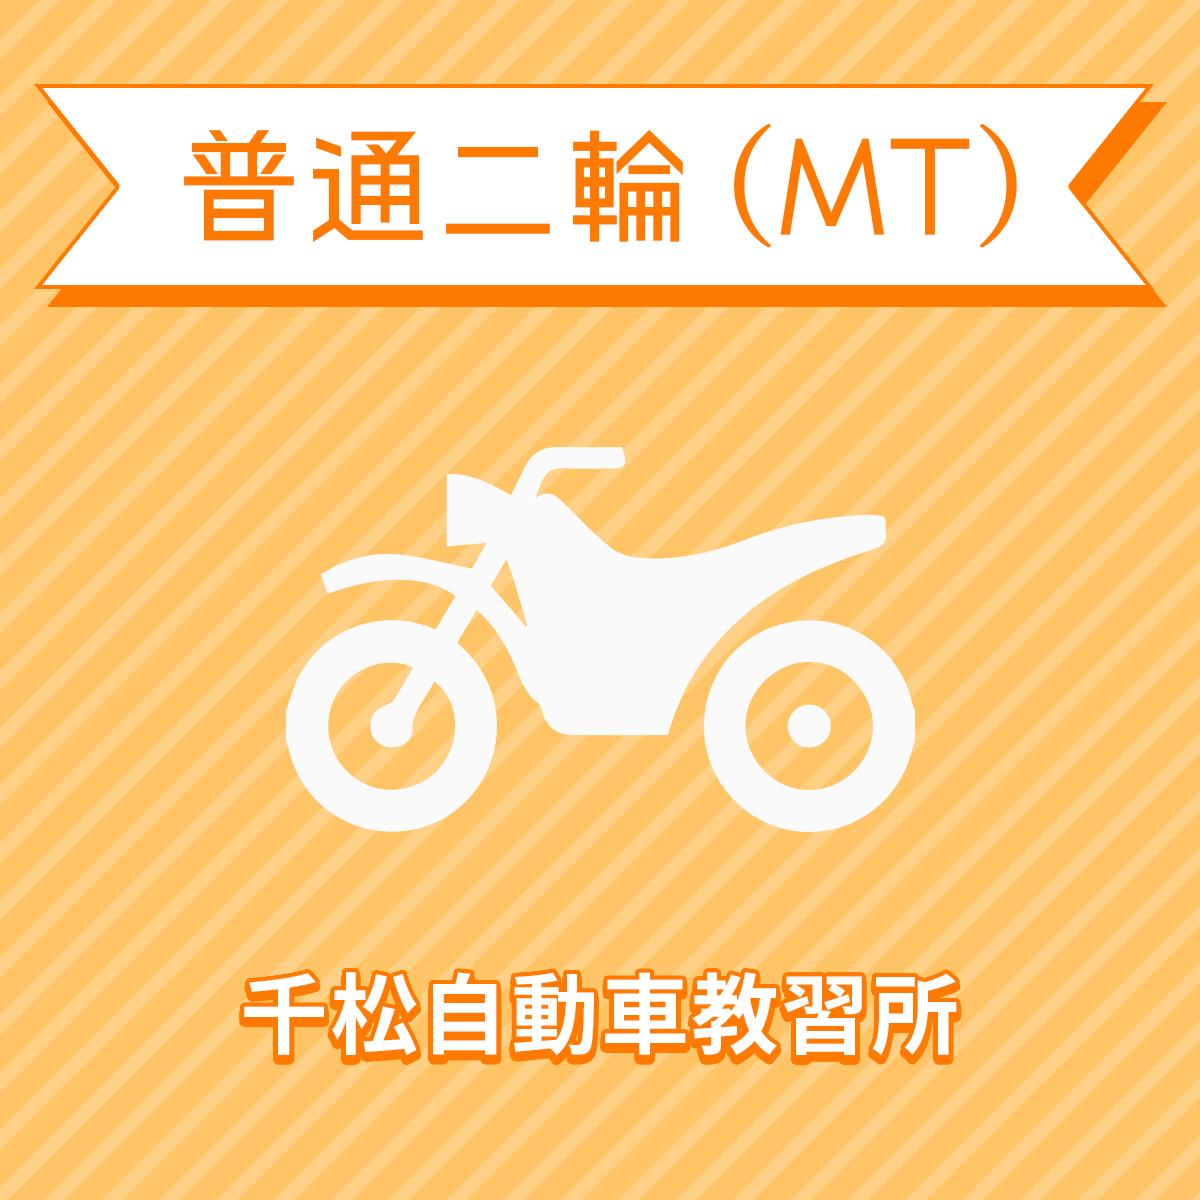 【徳島県徳島市】普通自動二輪車MTコース